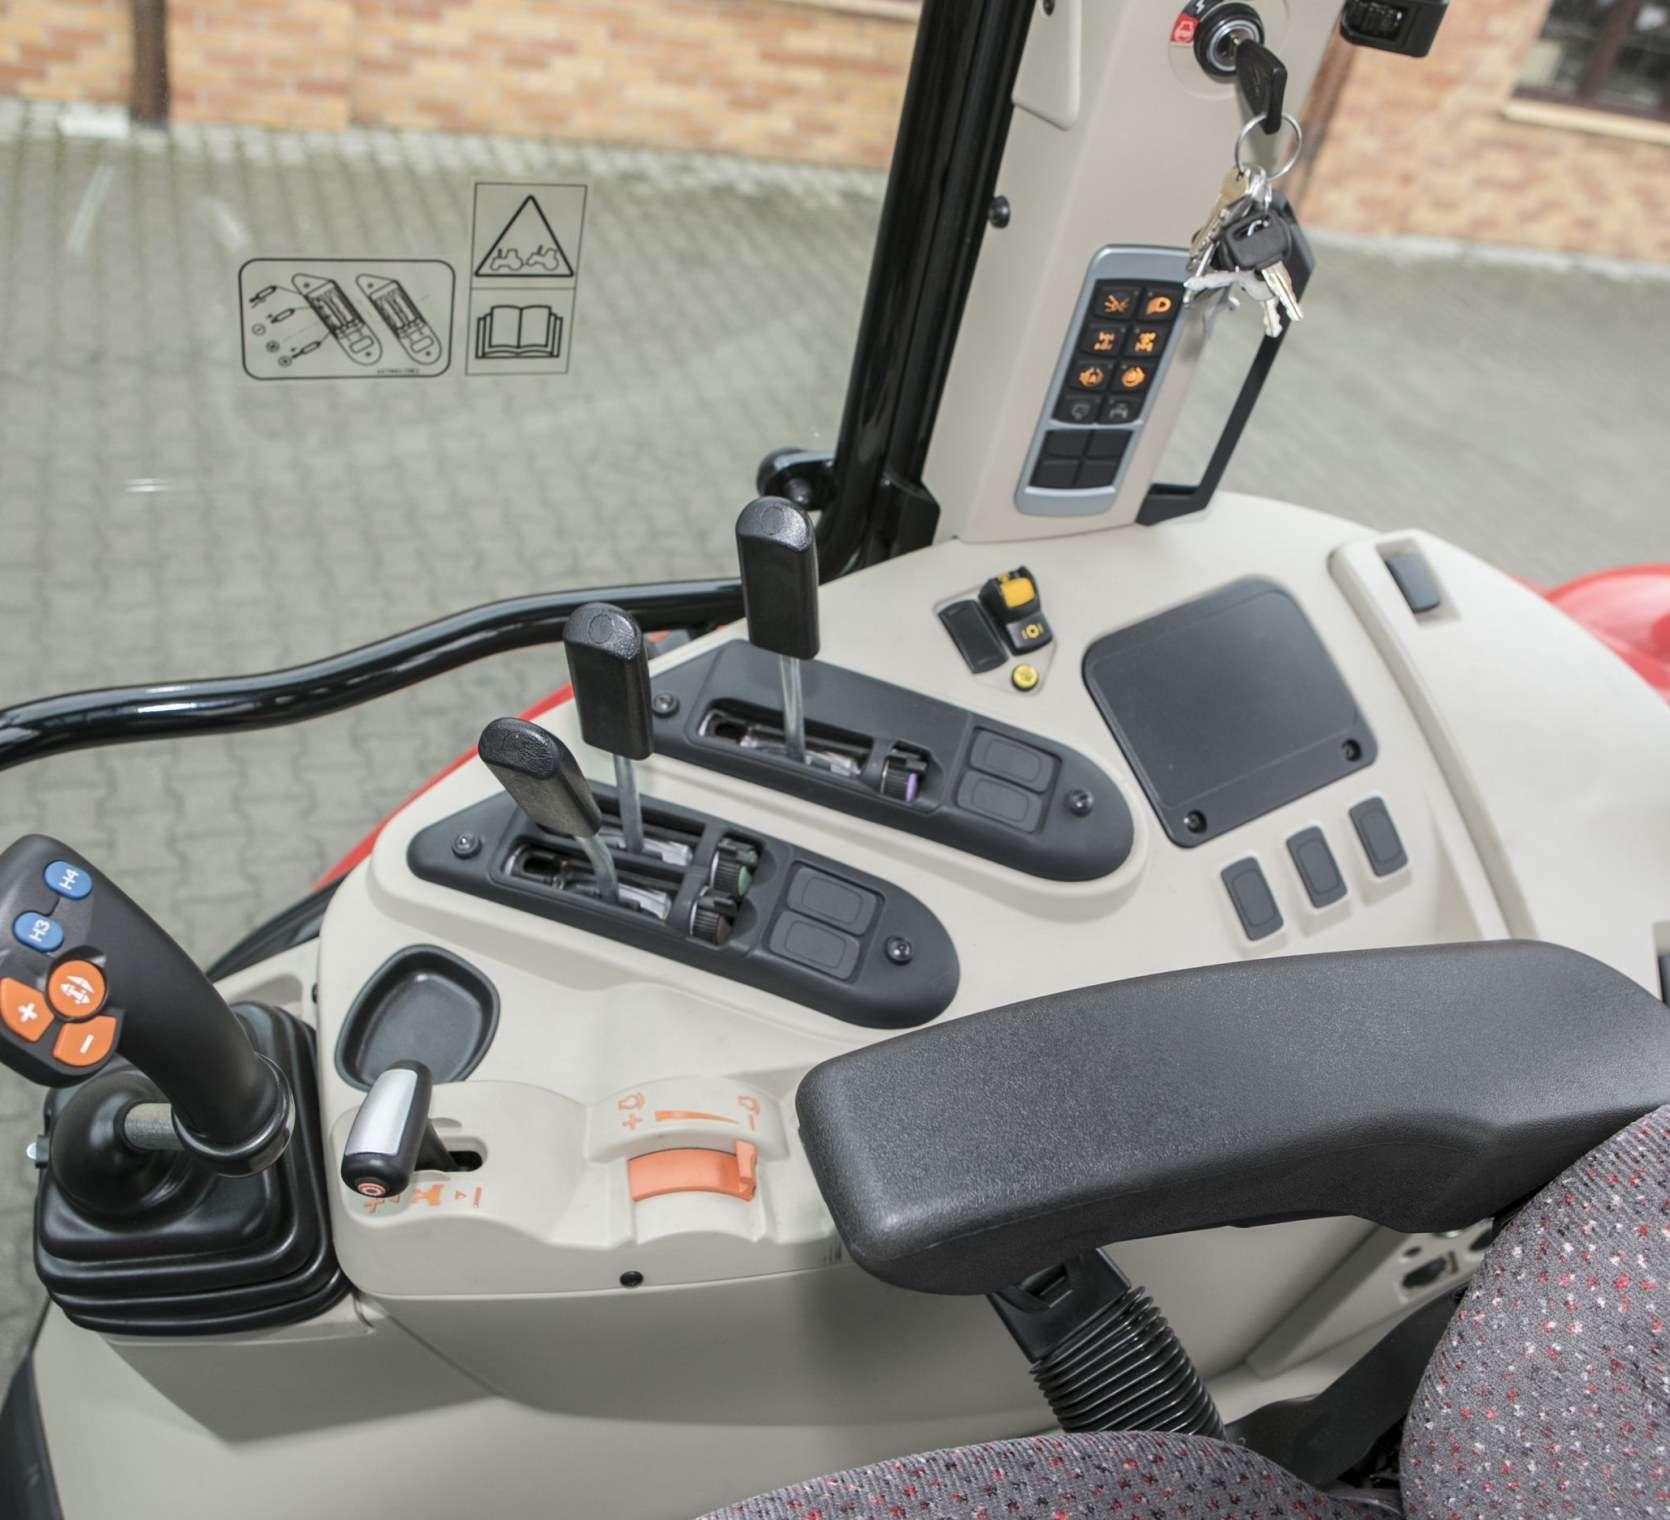 JOYSTICK WIELOFUNKCYJNY element wyposażenia standardowego w ciągniku Massey Ferguson 5611 w ofercie korbanek.pl